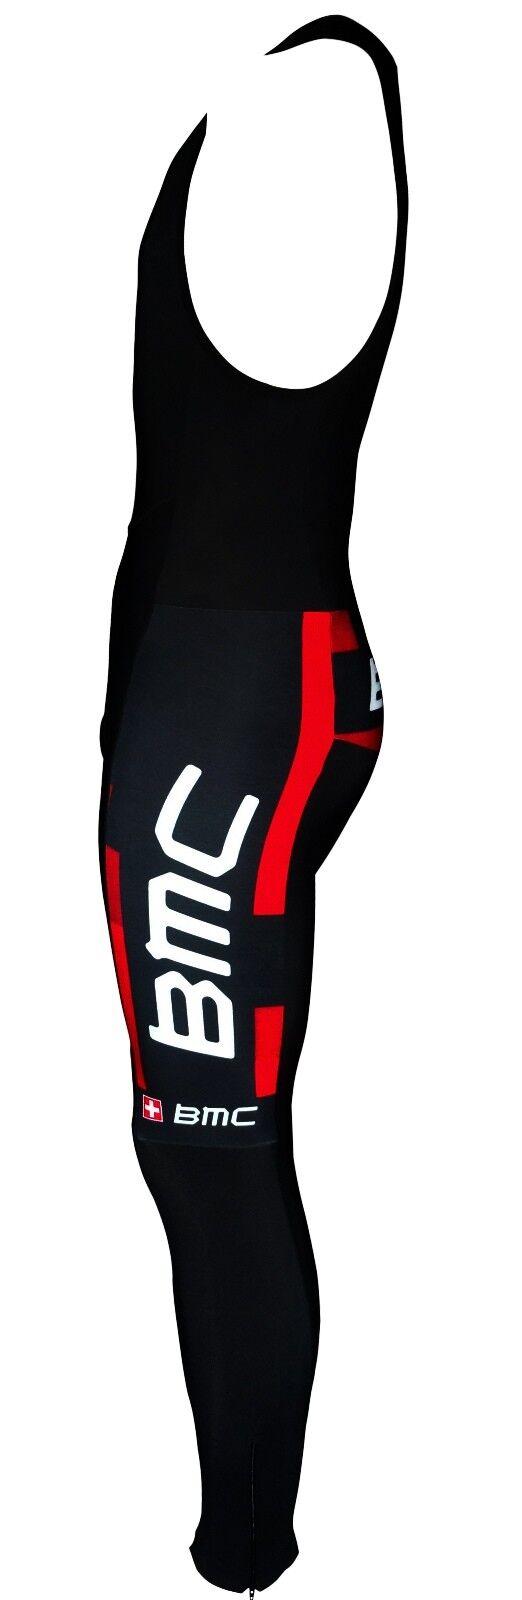 BMC WINTER THERMO HOSE - Gr.S,M,L,XL,XXL - NEU -      BWTH BWTH BWTH BWTH